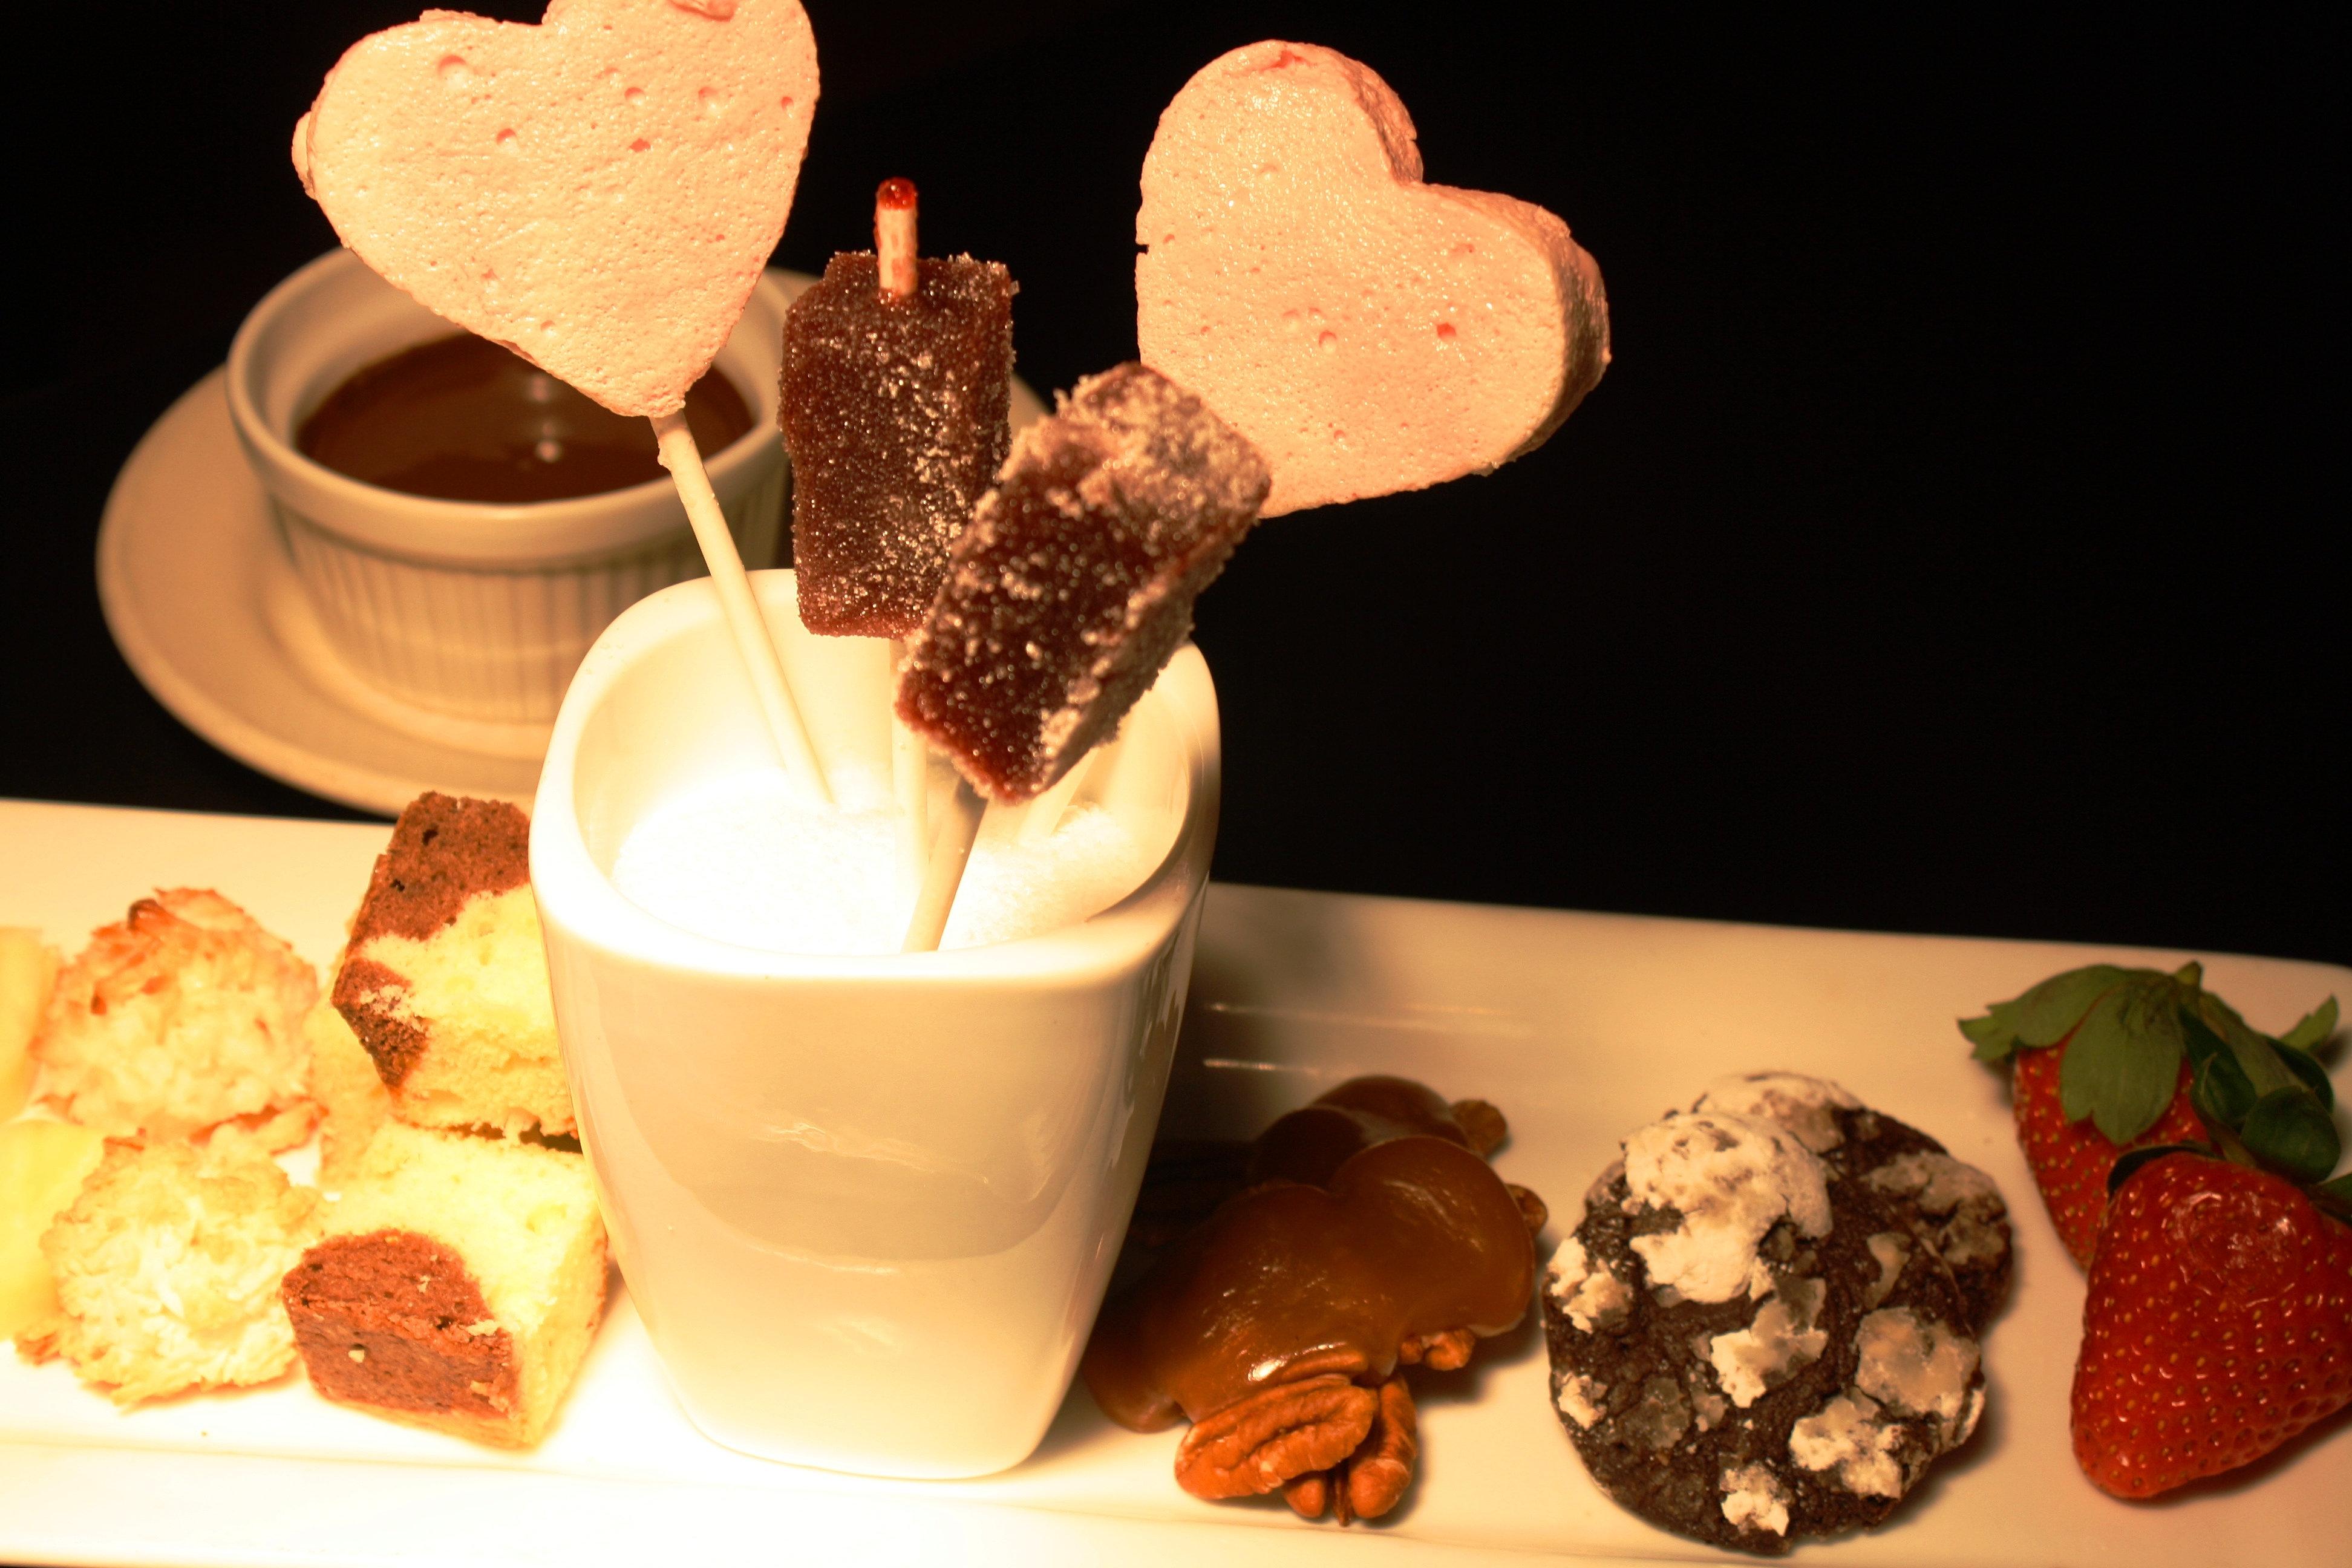 grassrootschicago | Valentine's chocolate fondue